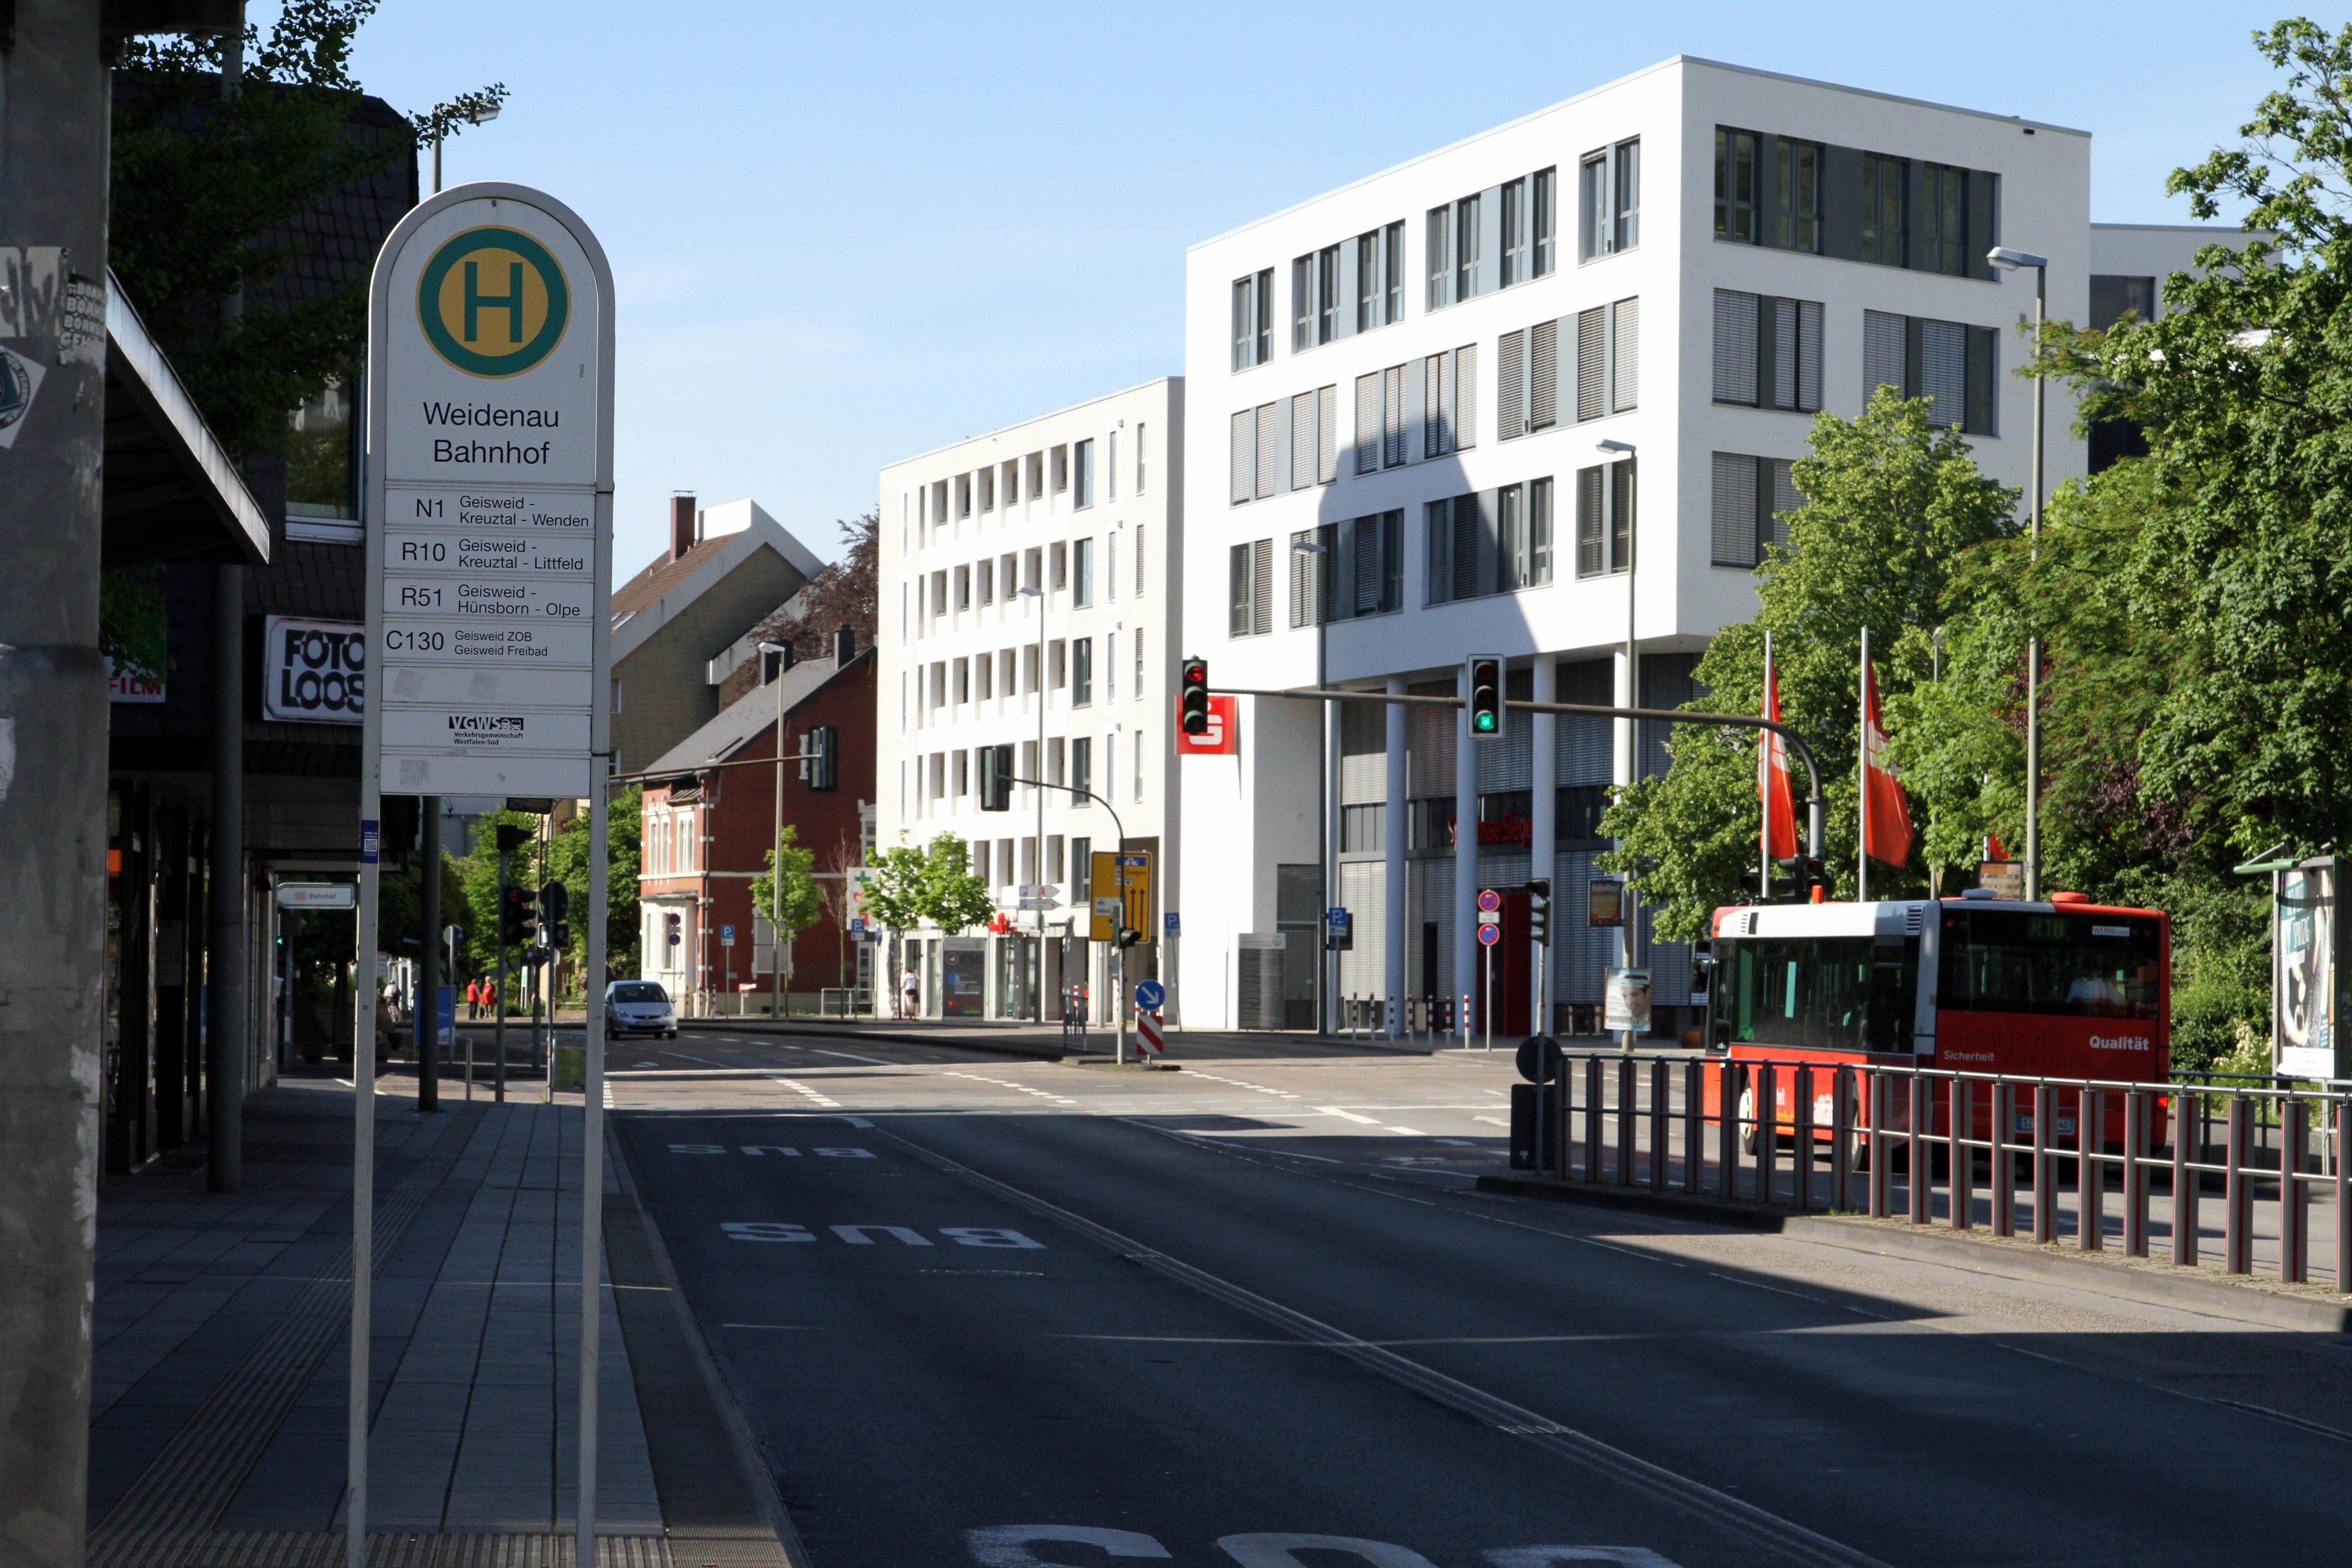 BahnhofWeidenau